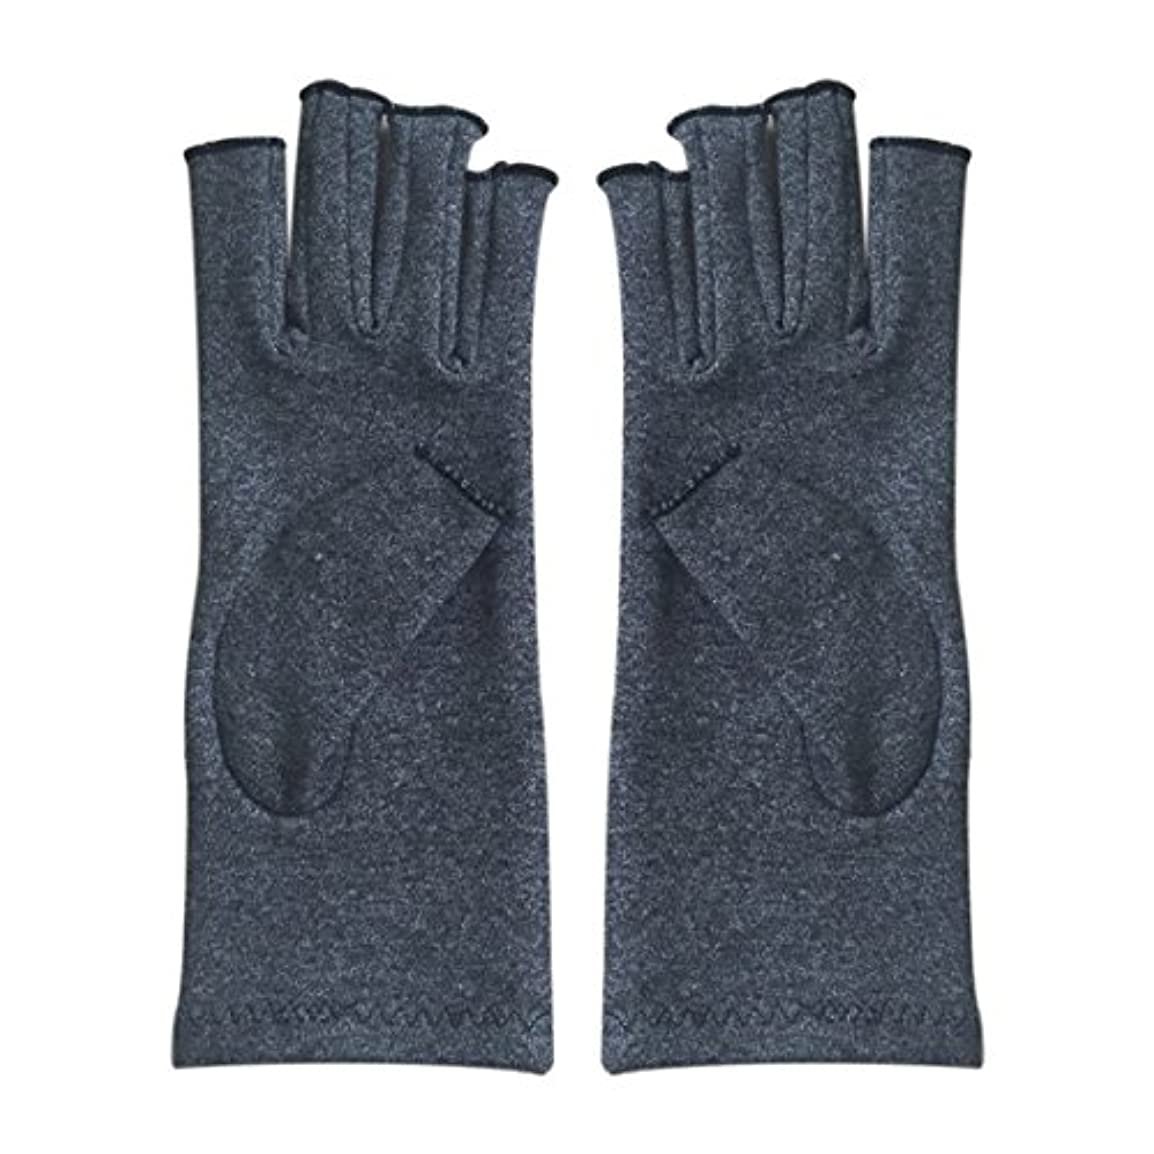 推測するクラックポット目立つCUHAWUDBA 1ペア成人男性女性用弾性コットンコンプレッション手袋手関節炎関節痛鎮痛軽減M - 灰色、M